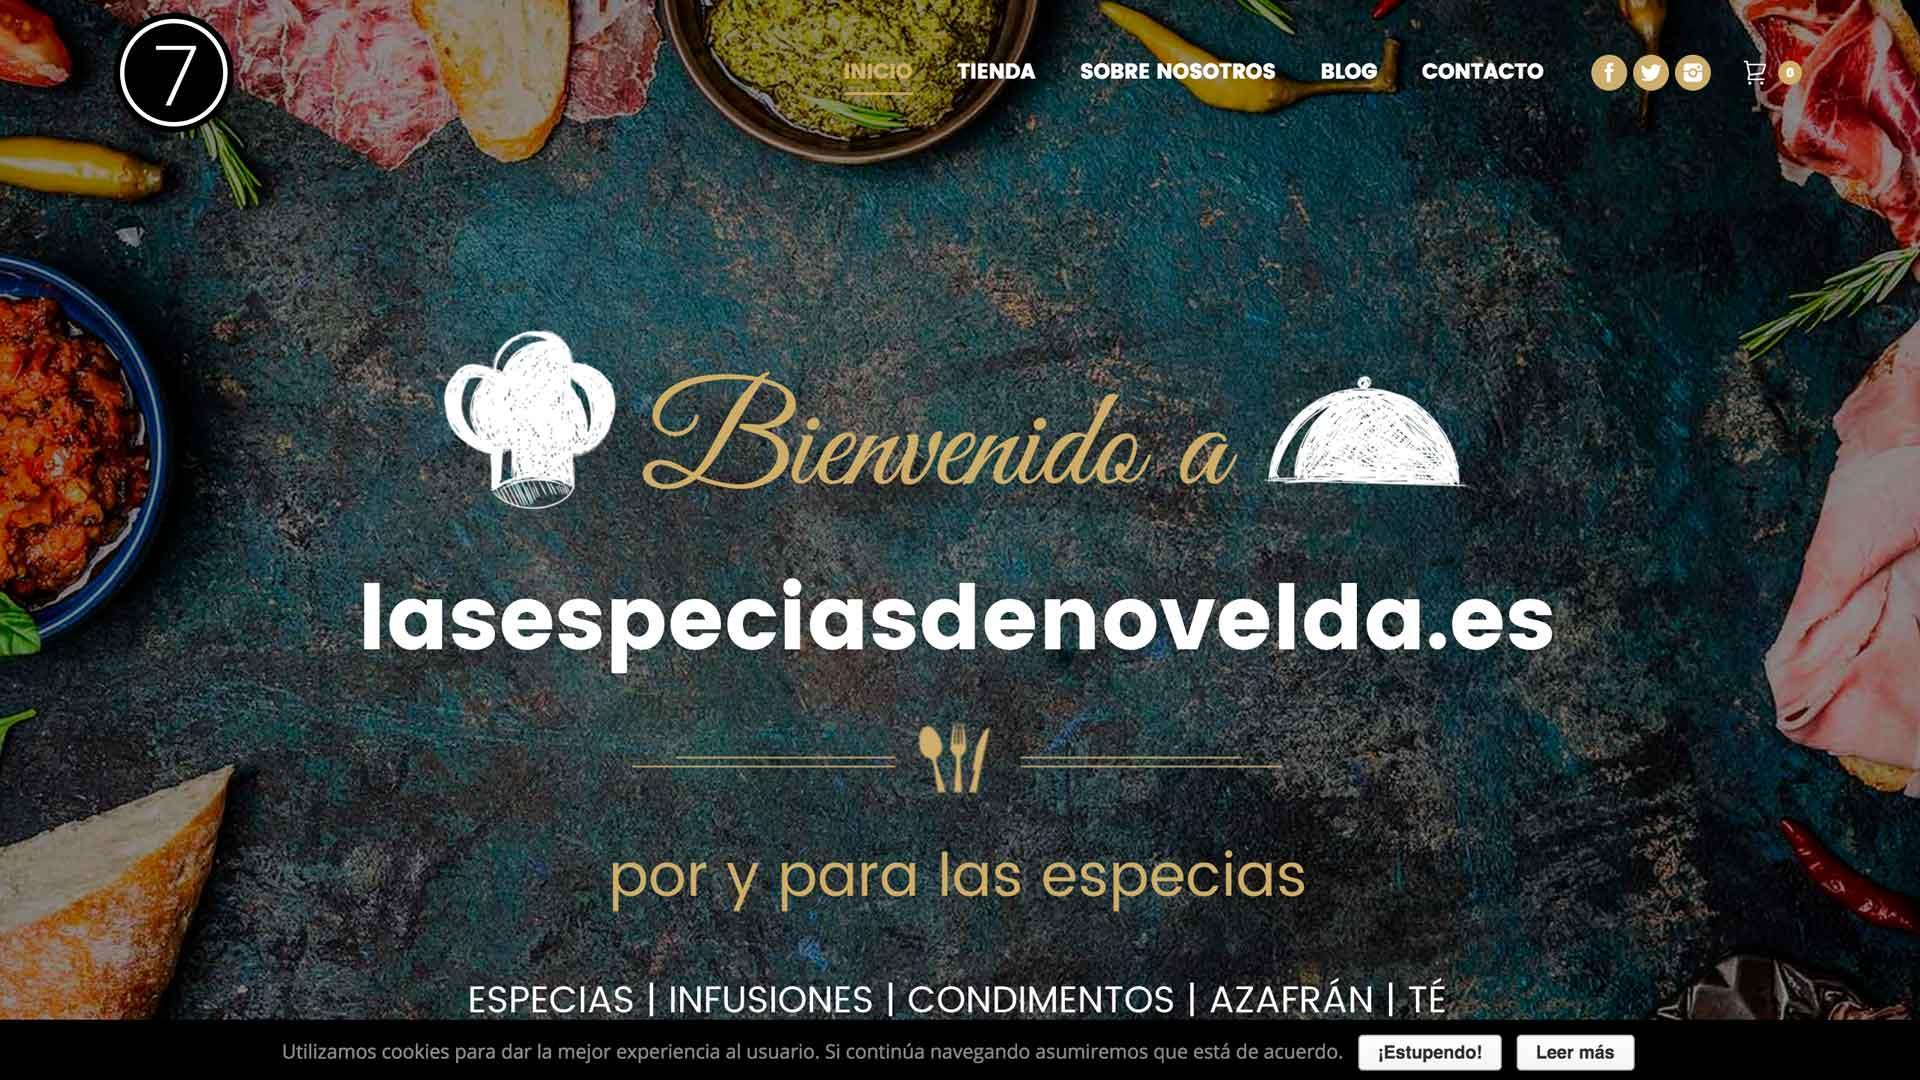 Agencia Sidecar agencia-sidecar-portfolio-lasespeciasdenovelda-portada lasespeciasdenovelda.es